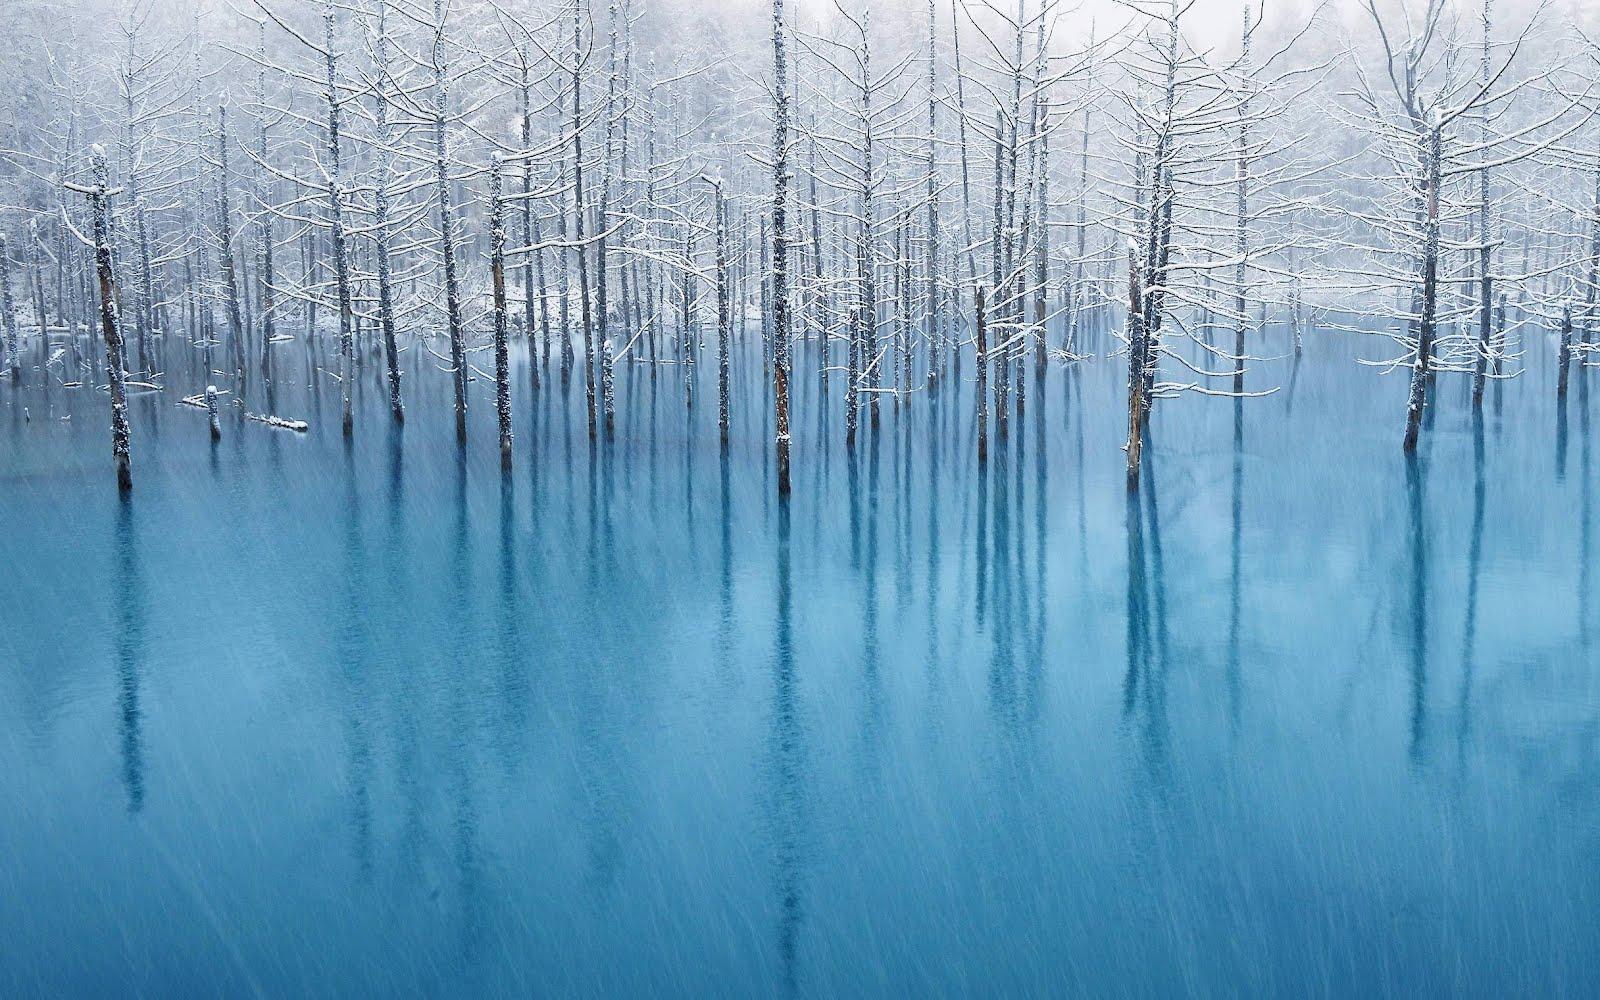 壁紙 Iphoneとipad用の 青い池 の壁紙 Blog Nobon